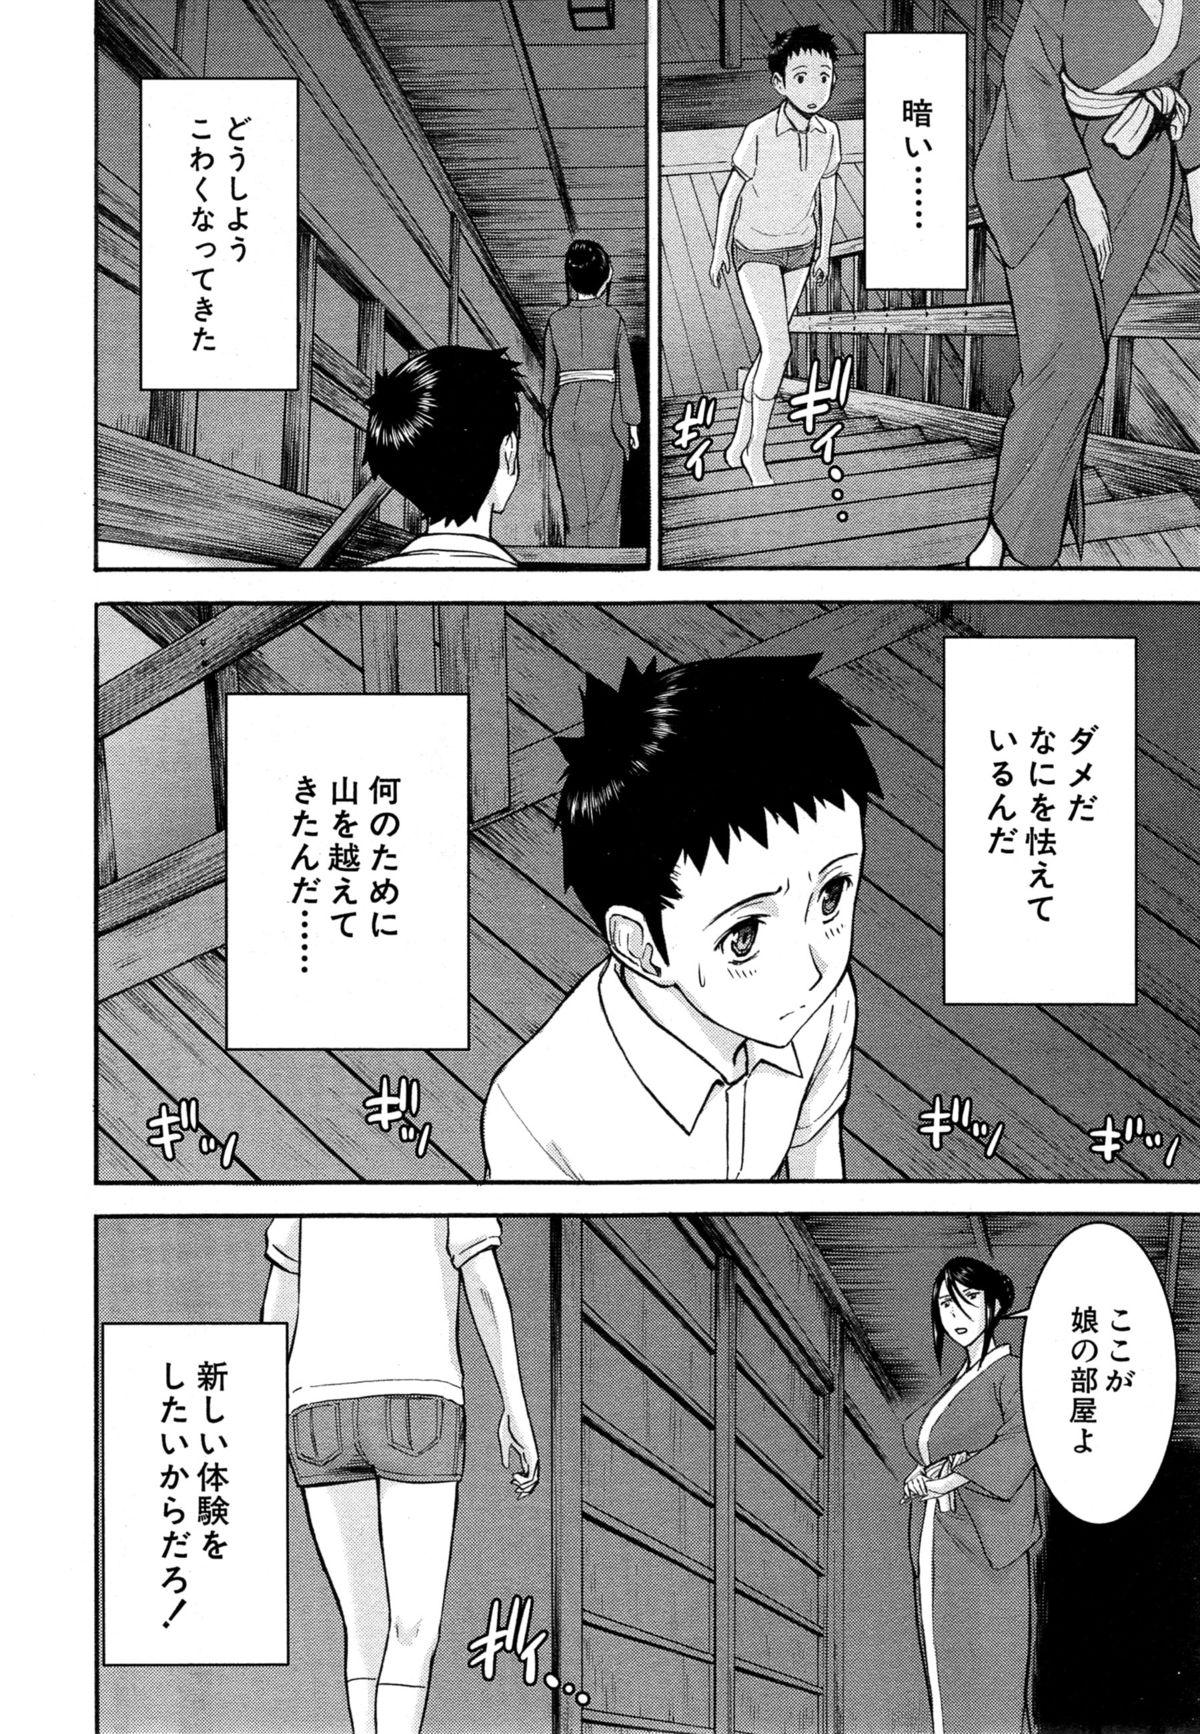 Zashikihime no Omocha Ch. 1-6 31